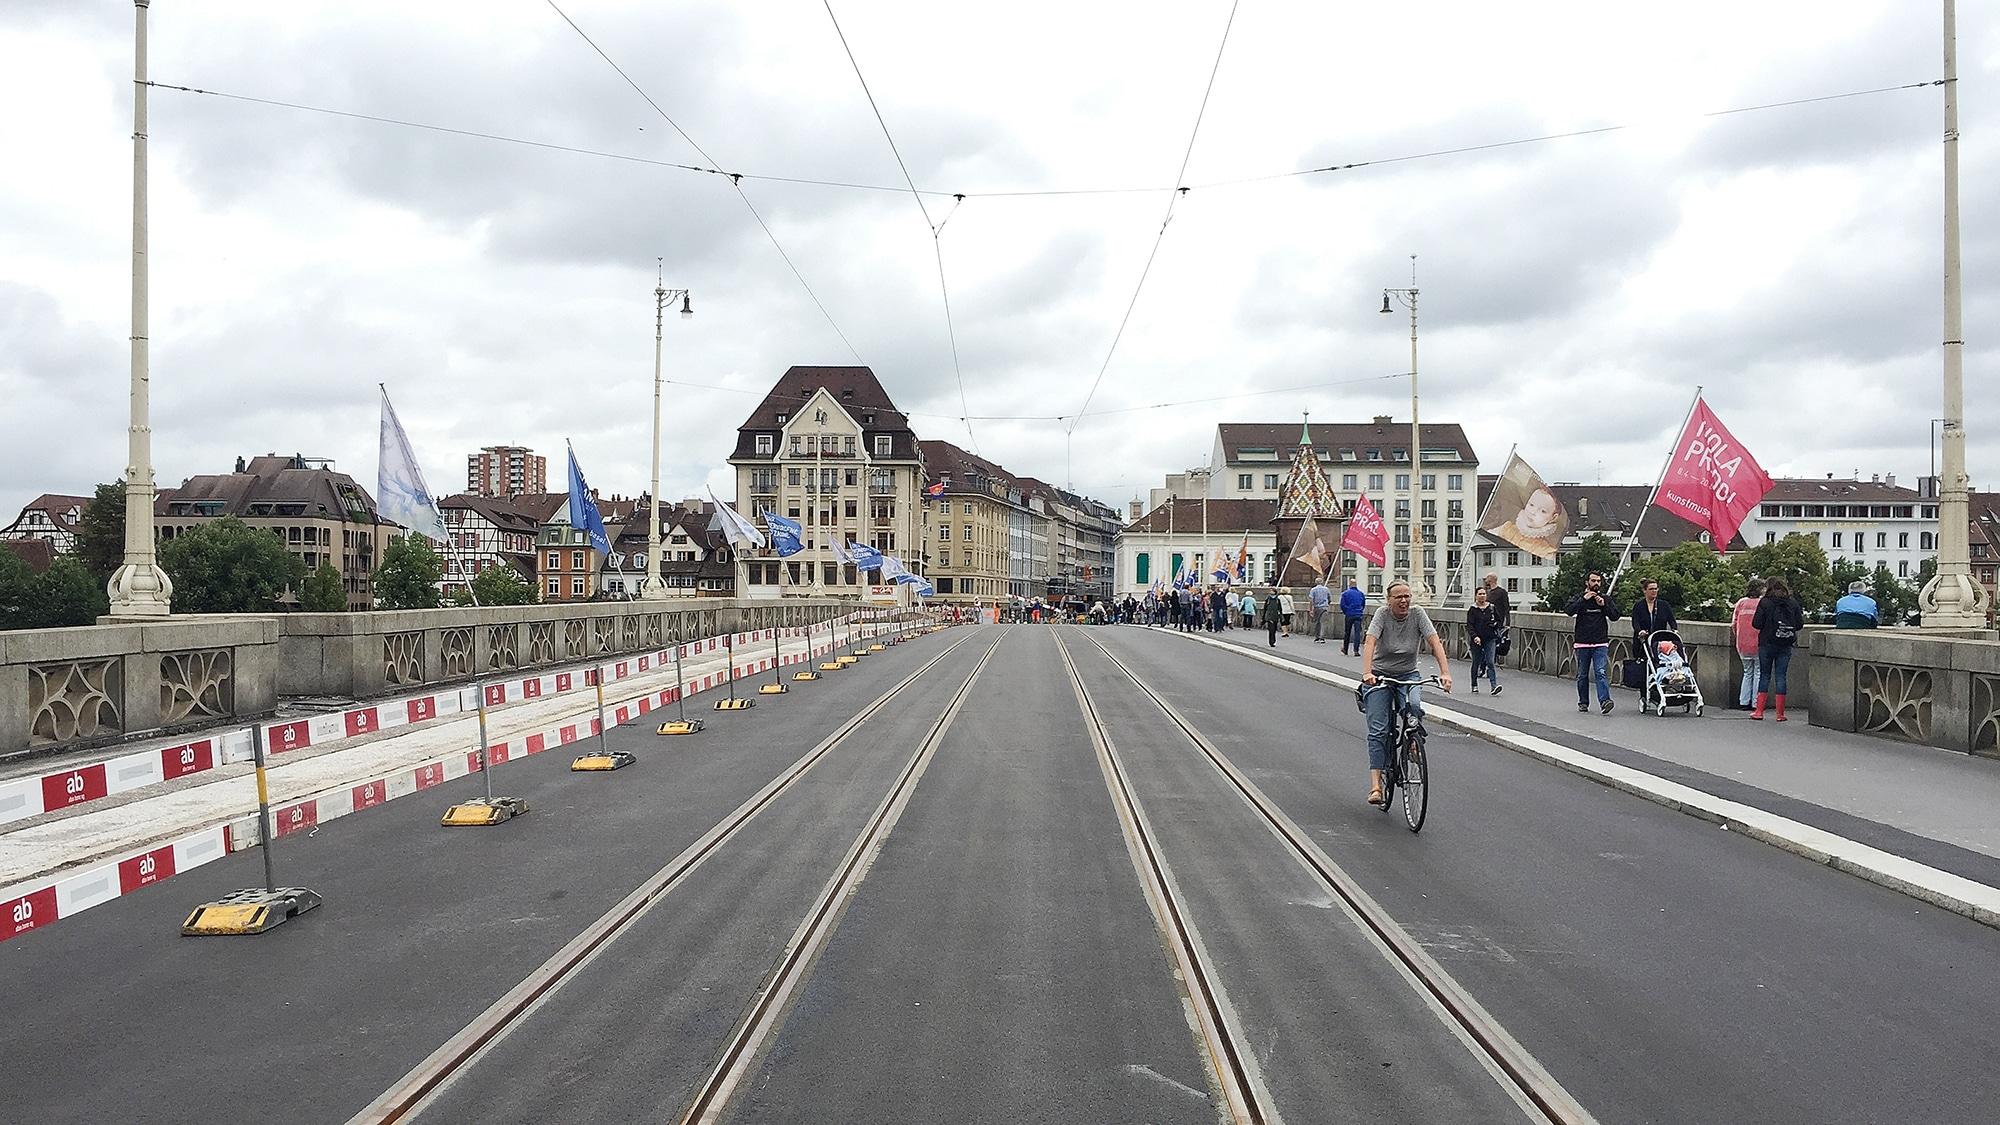 Ab Montag herrscht wieder freie Fahrt für Tram, Bus und Velos über die Mittlere Brücke.